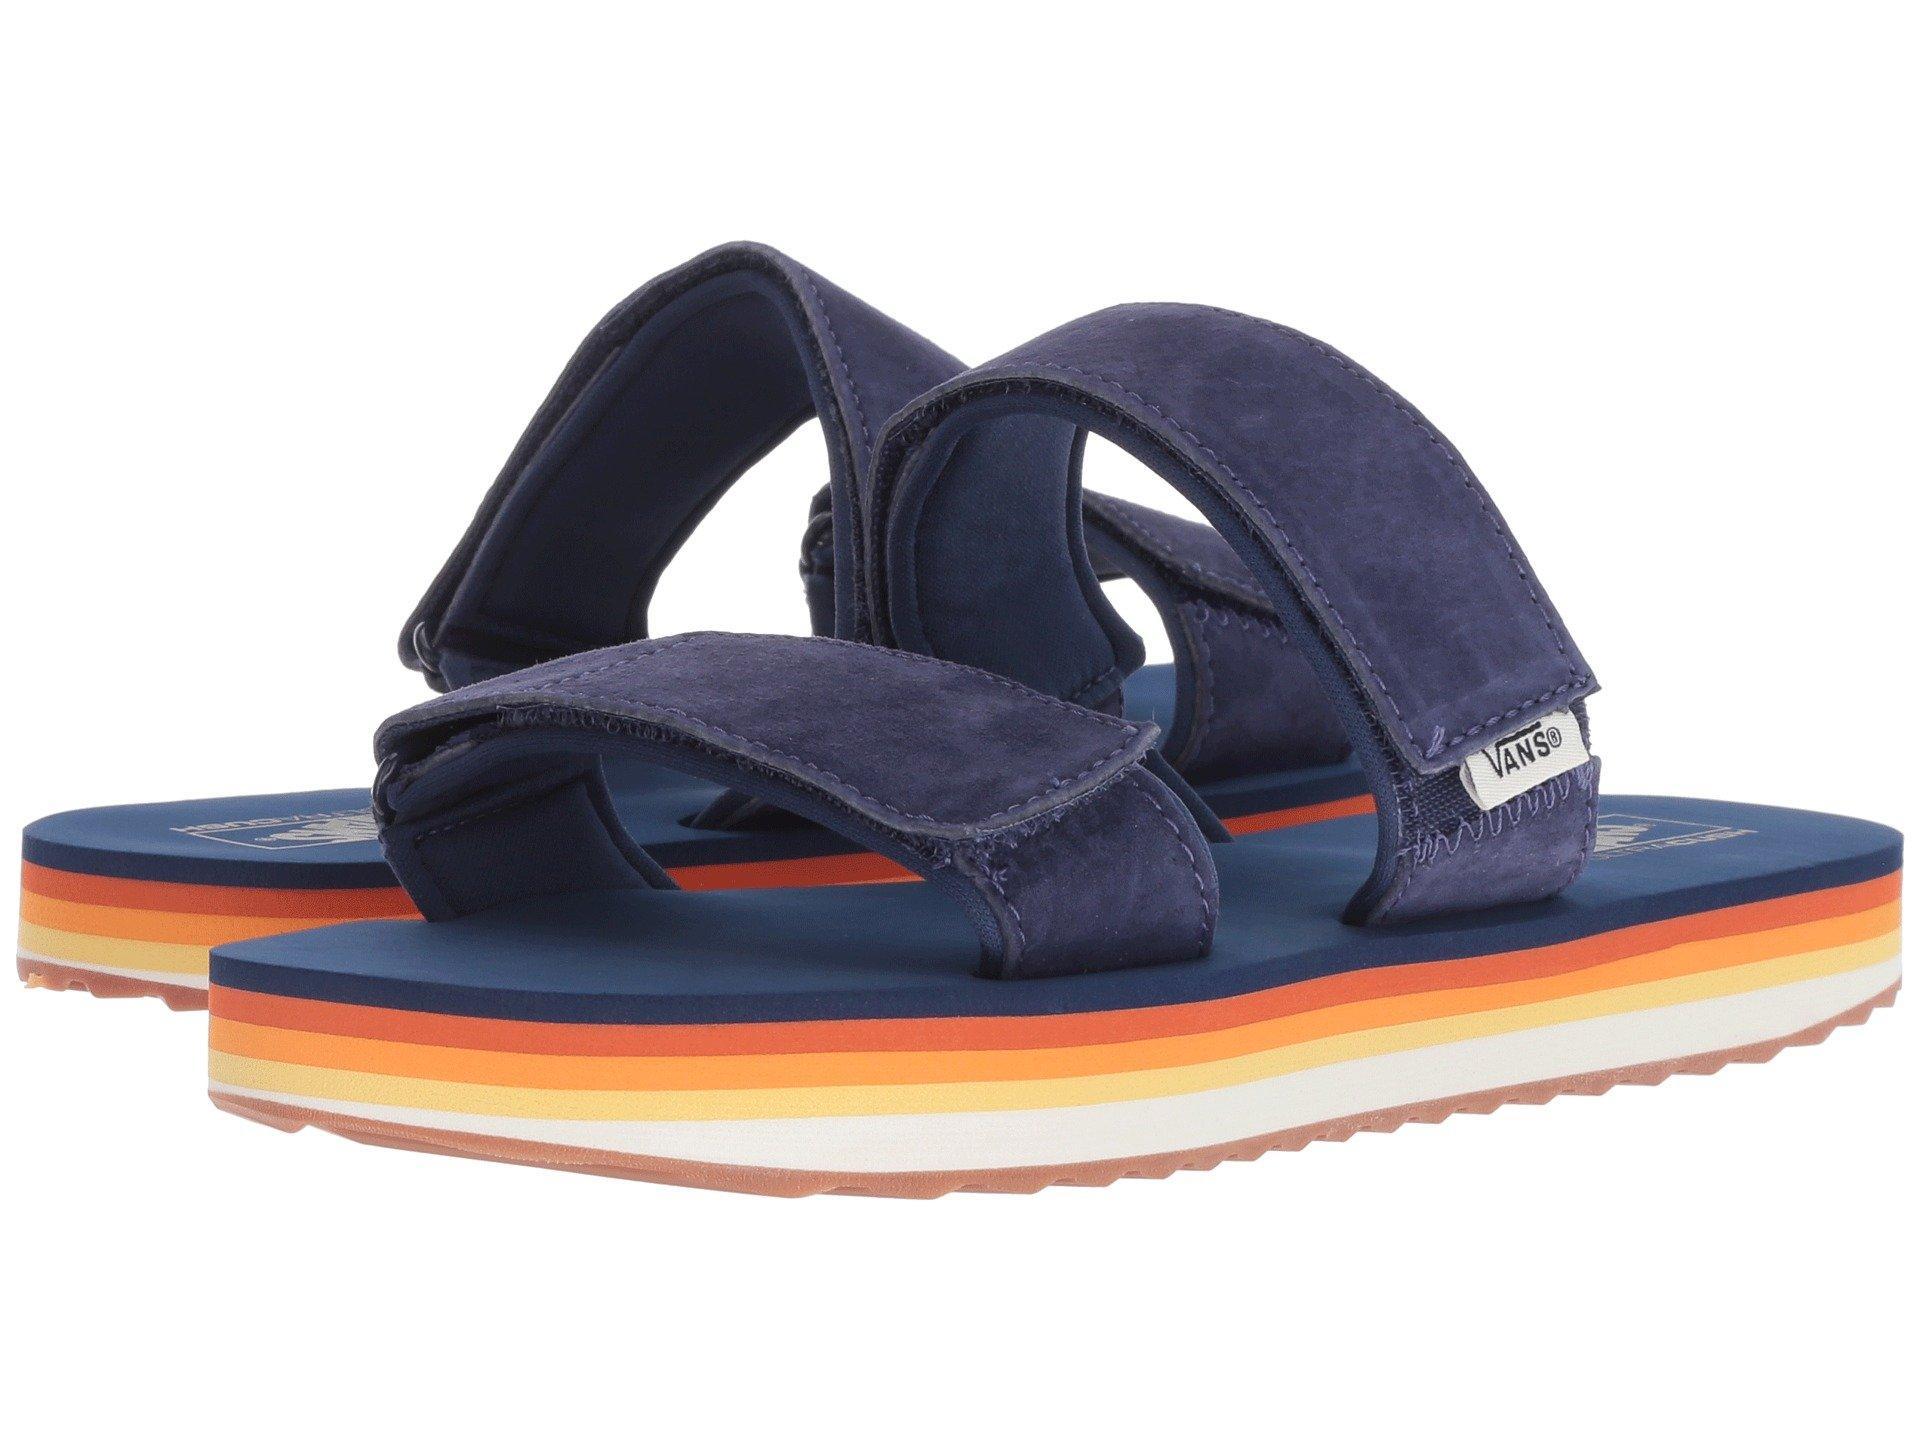 Lyst - Vans Cayucas Slide Platform in Blue - Save 13% 6b2bf42f7